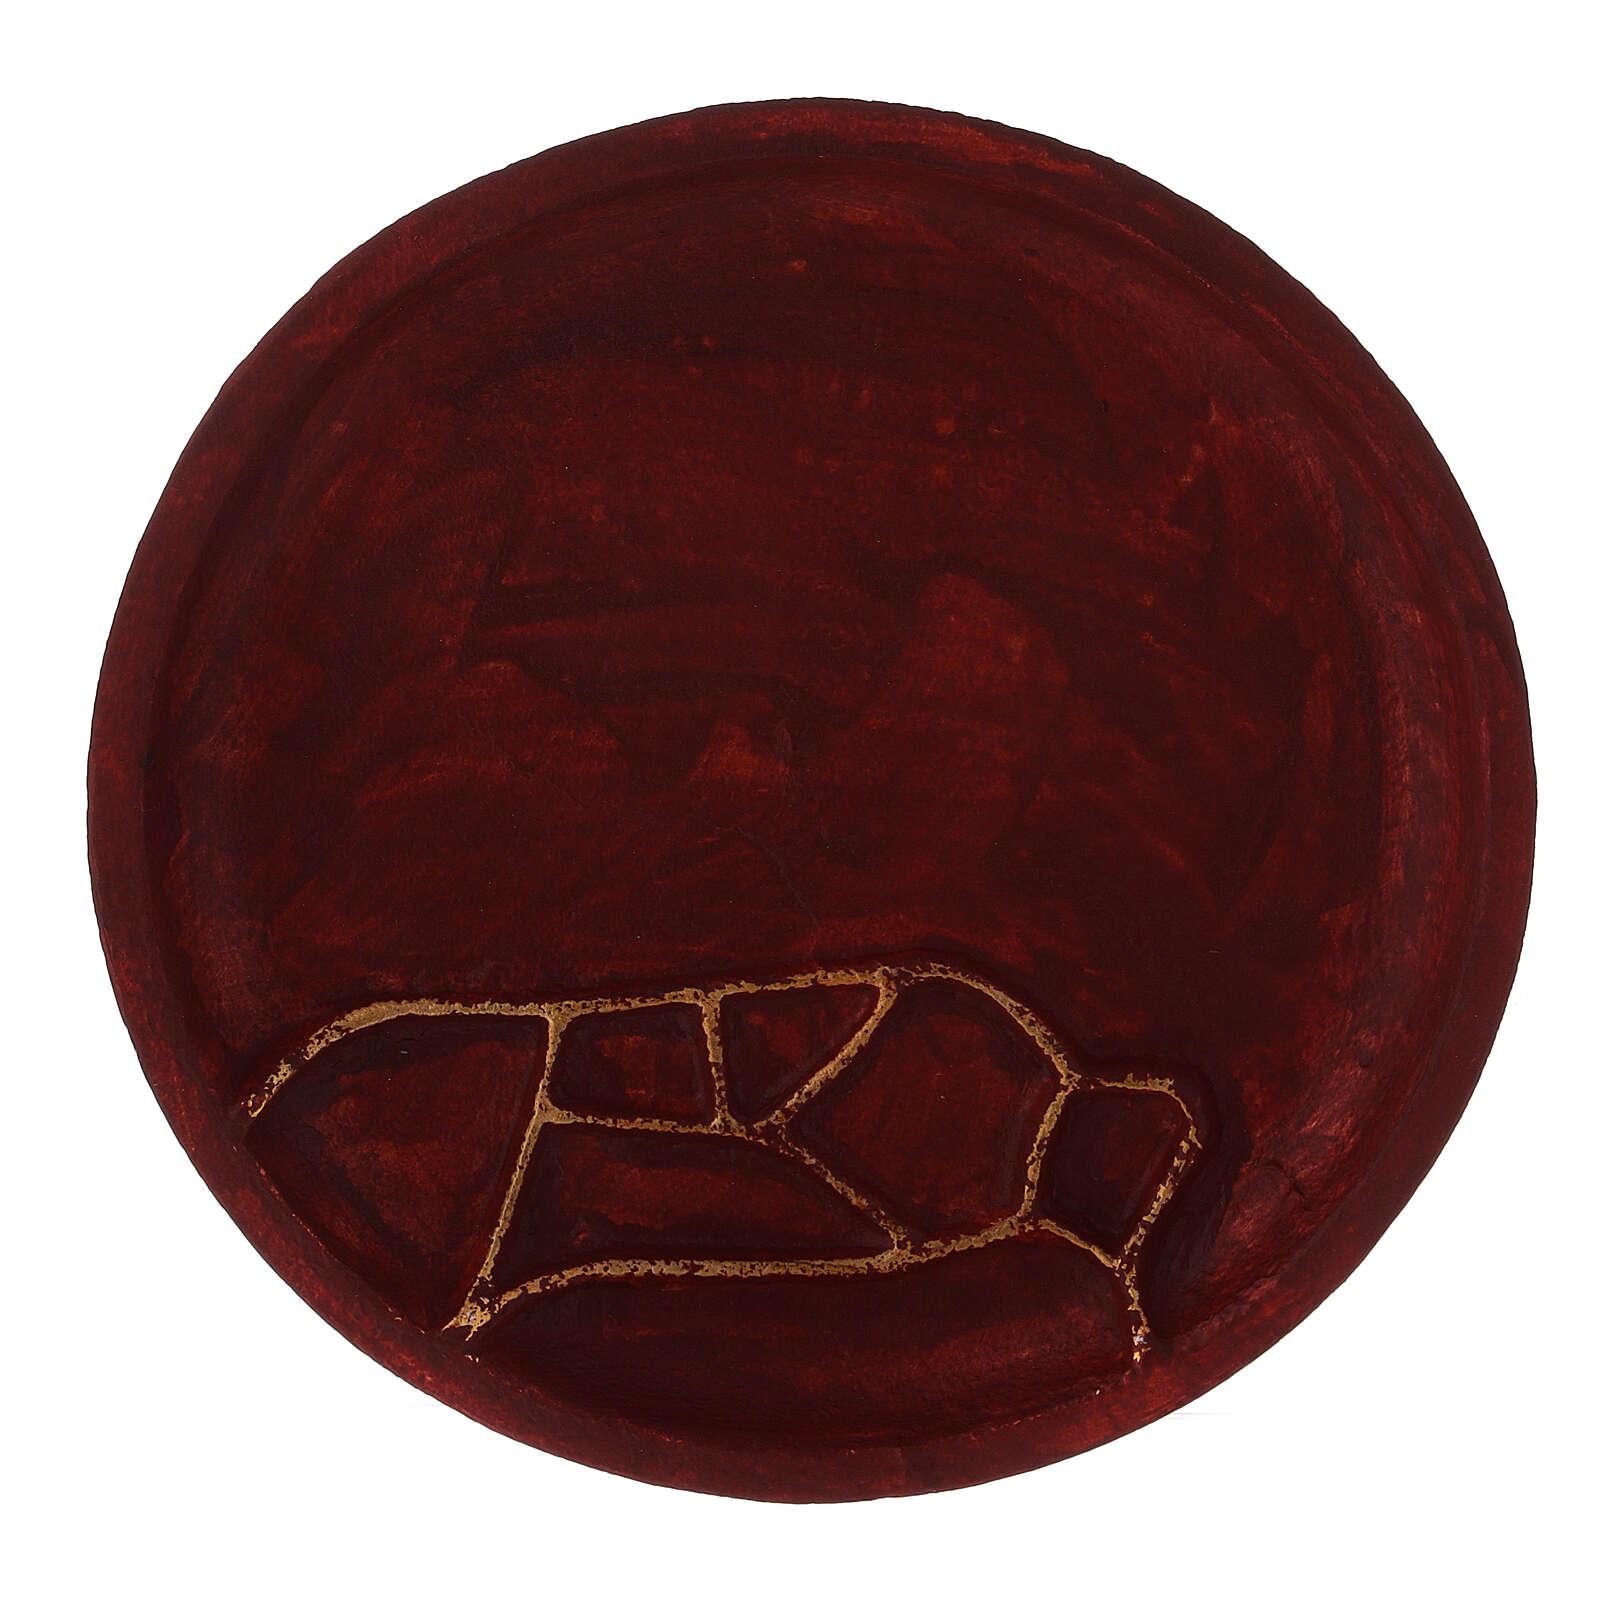 Piattino per candela alluminio rosso decoro astratto d. 14 cm 3